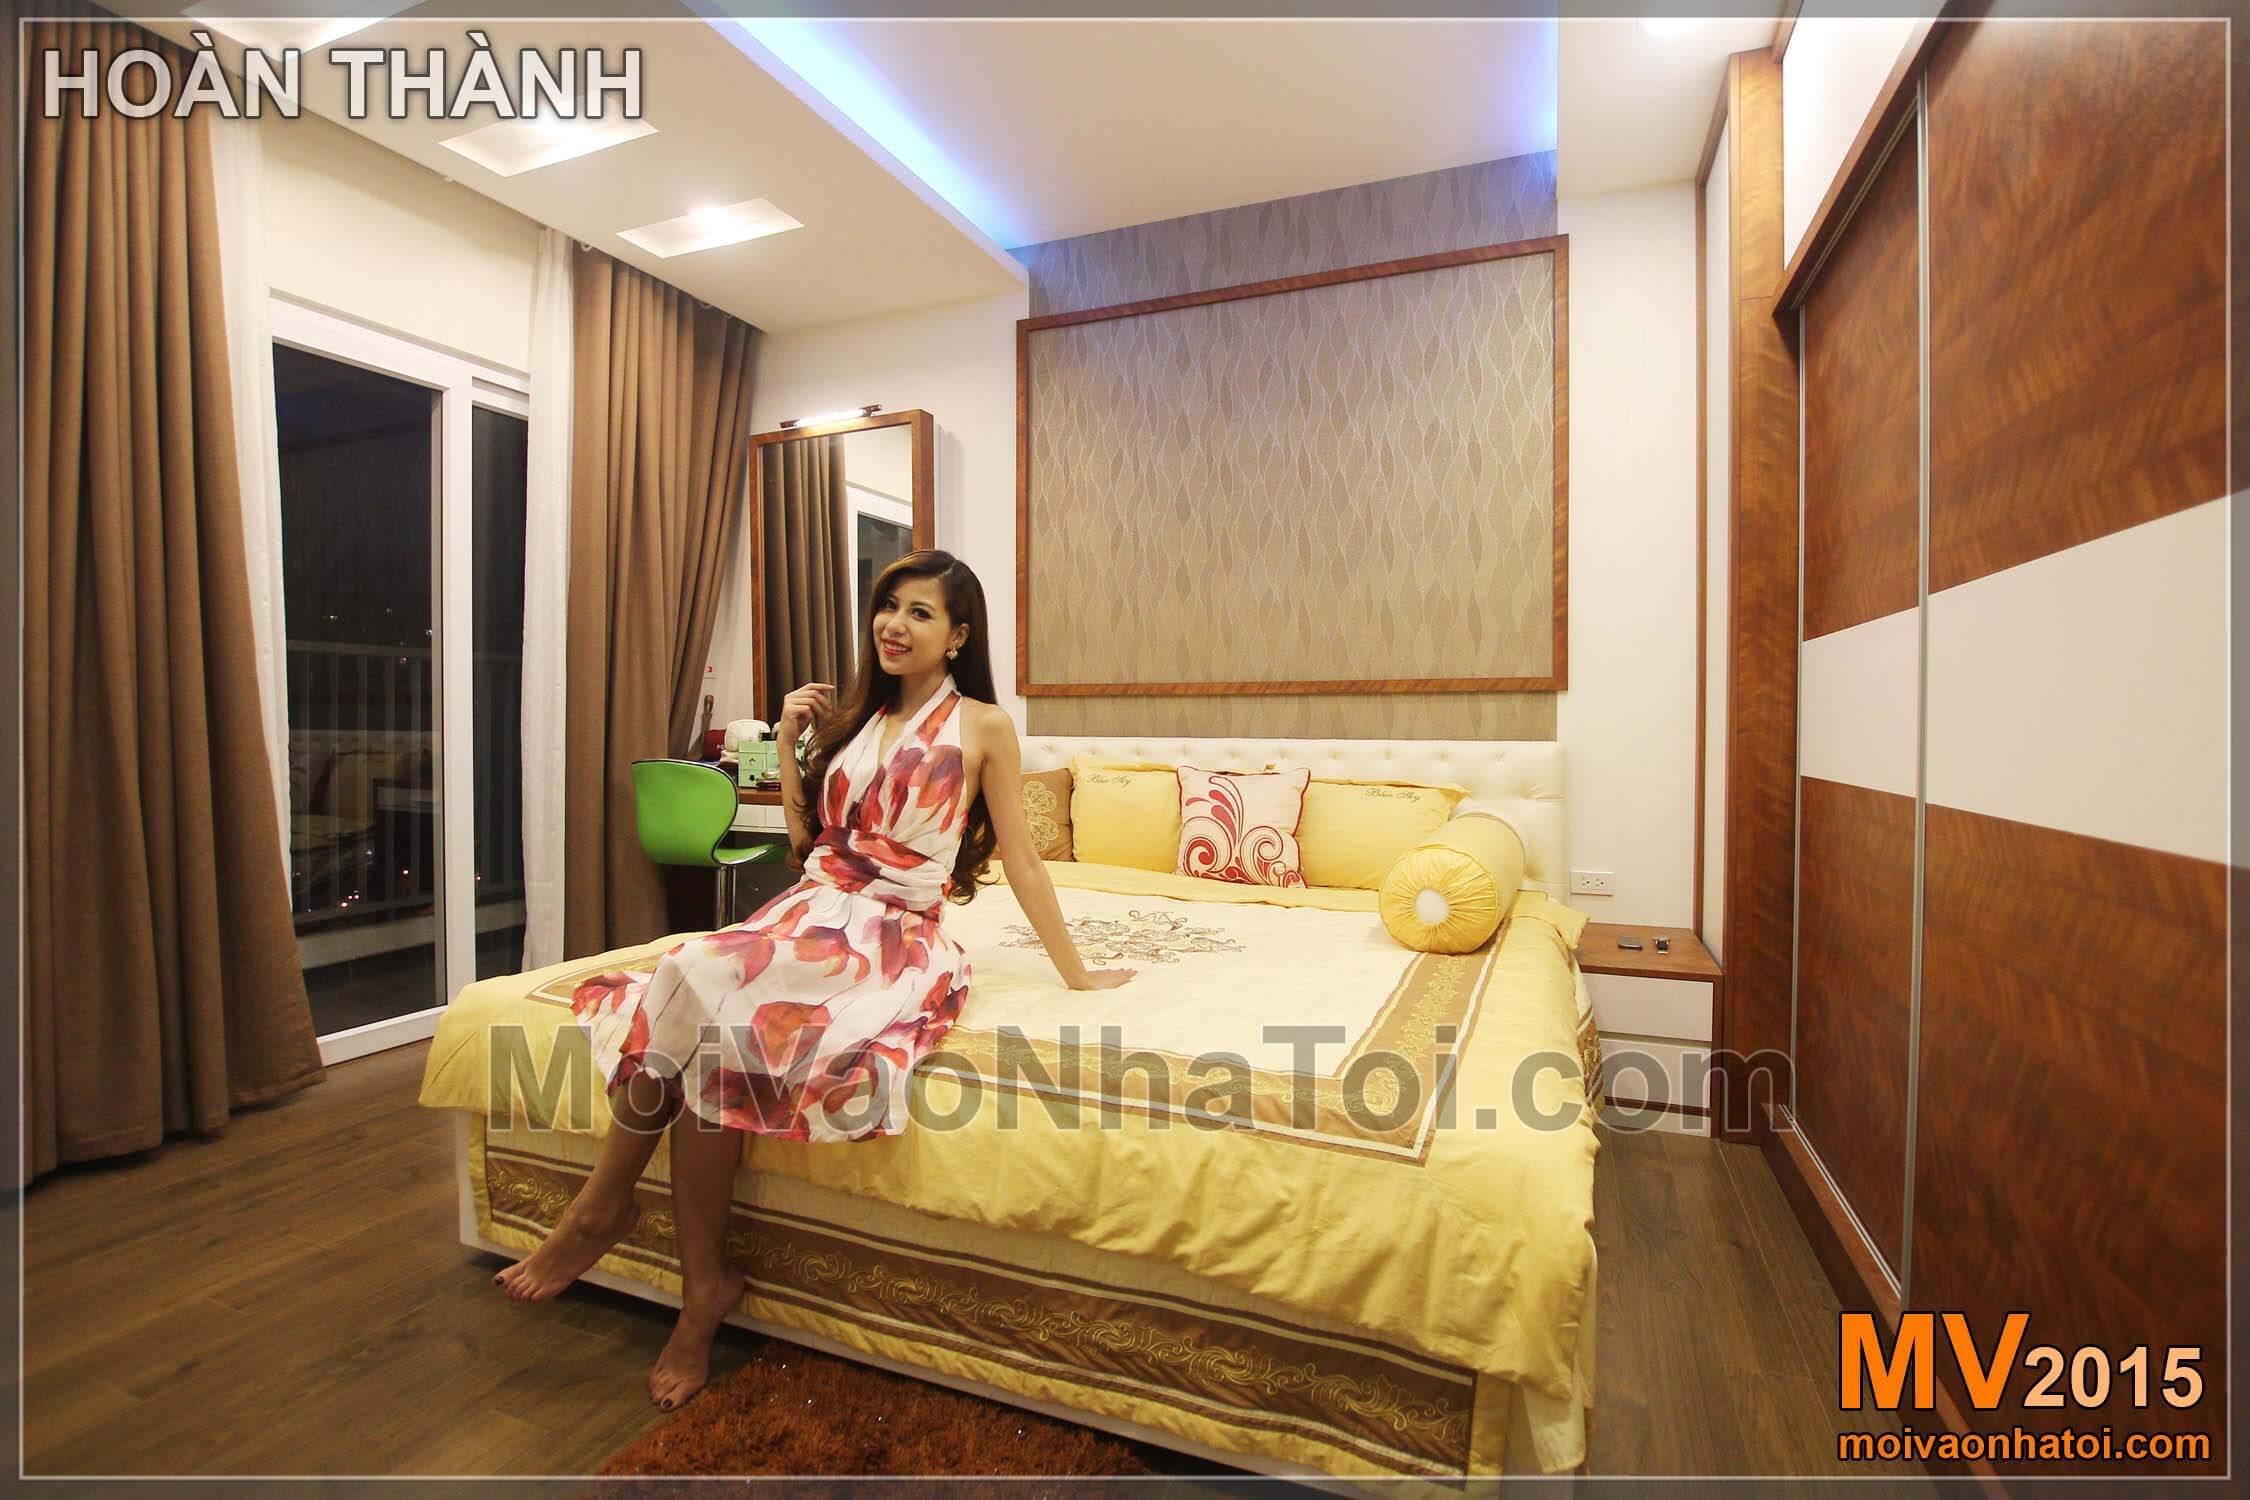 140平方米金宫公寓的豪华卧室空间